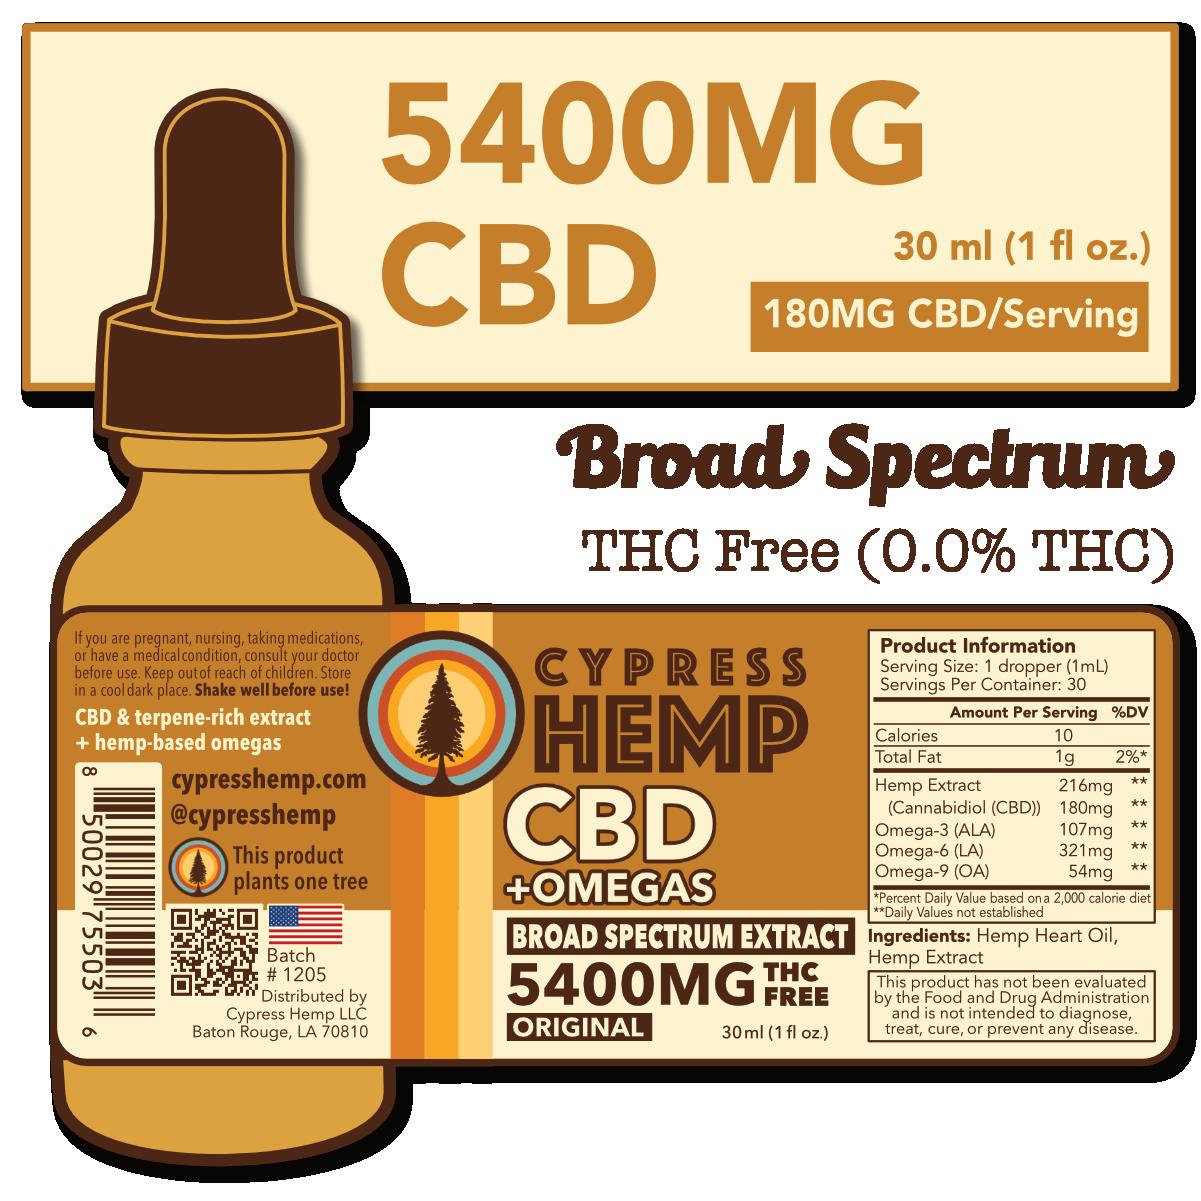 Cypress Hemp Broad Spectrum 5400mg CBD Drops